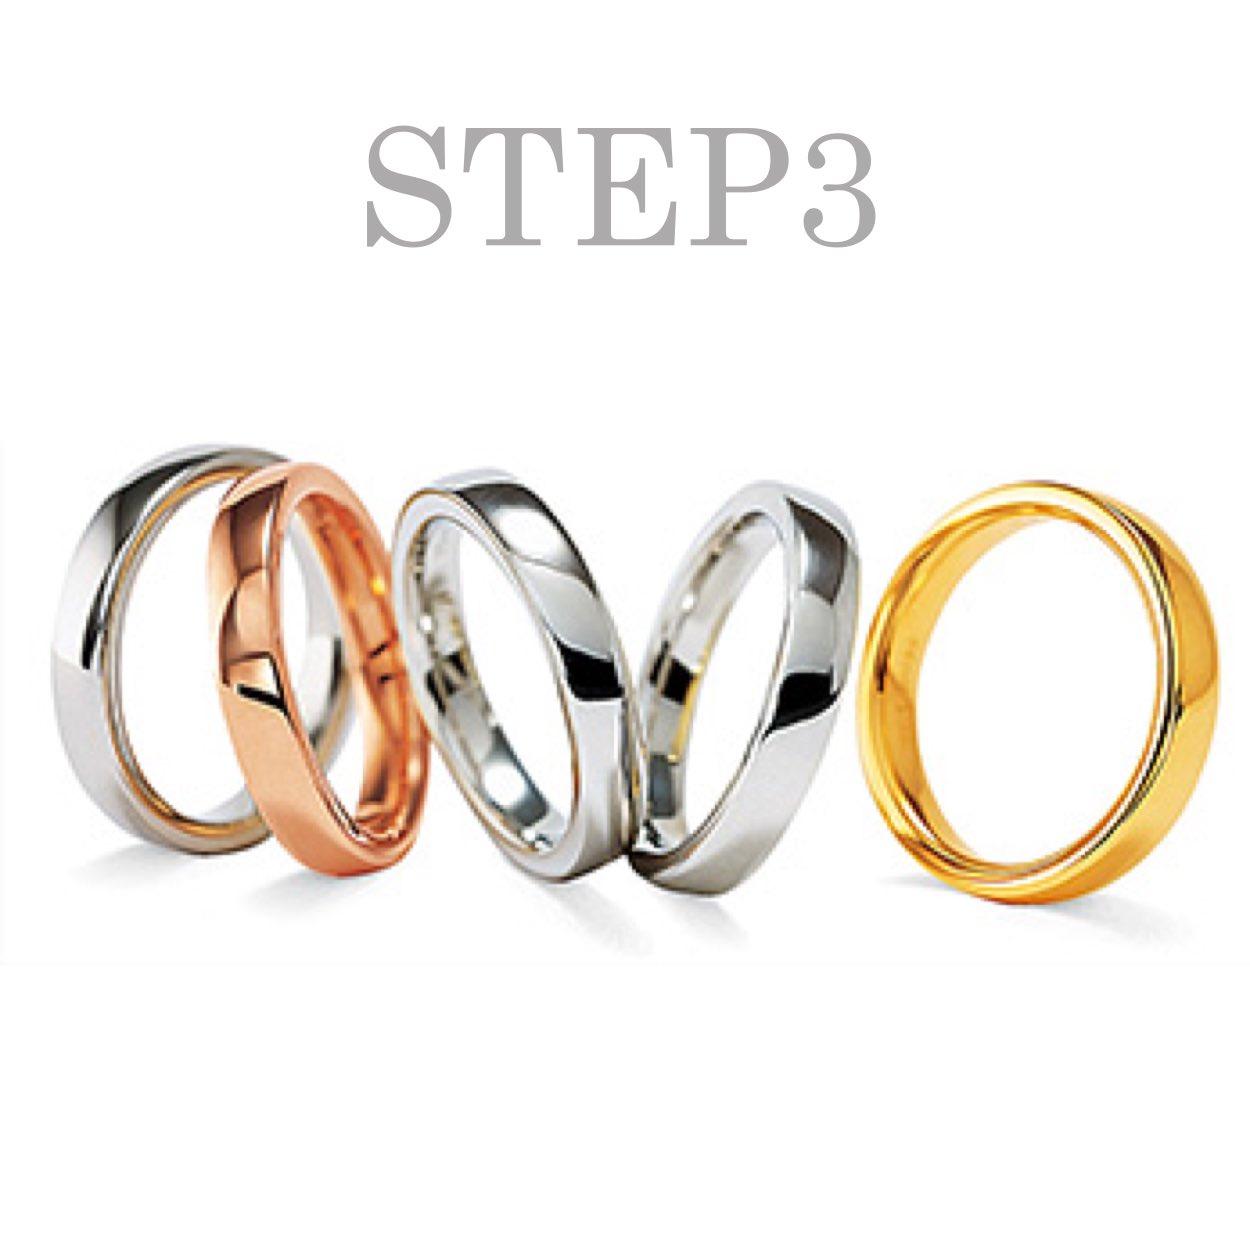 〈STEP3〉MATERIAL